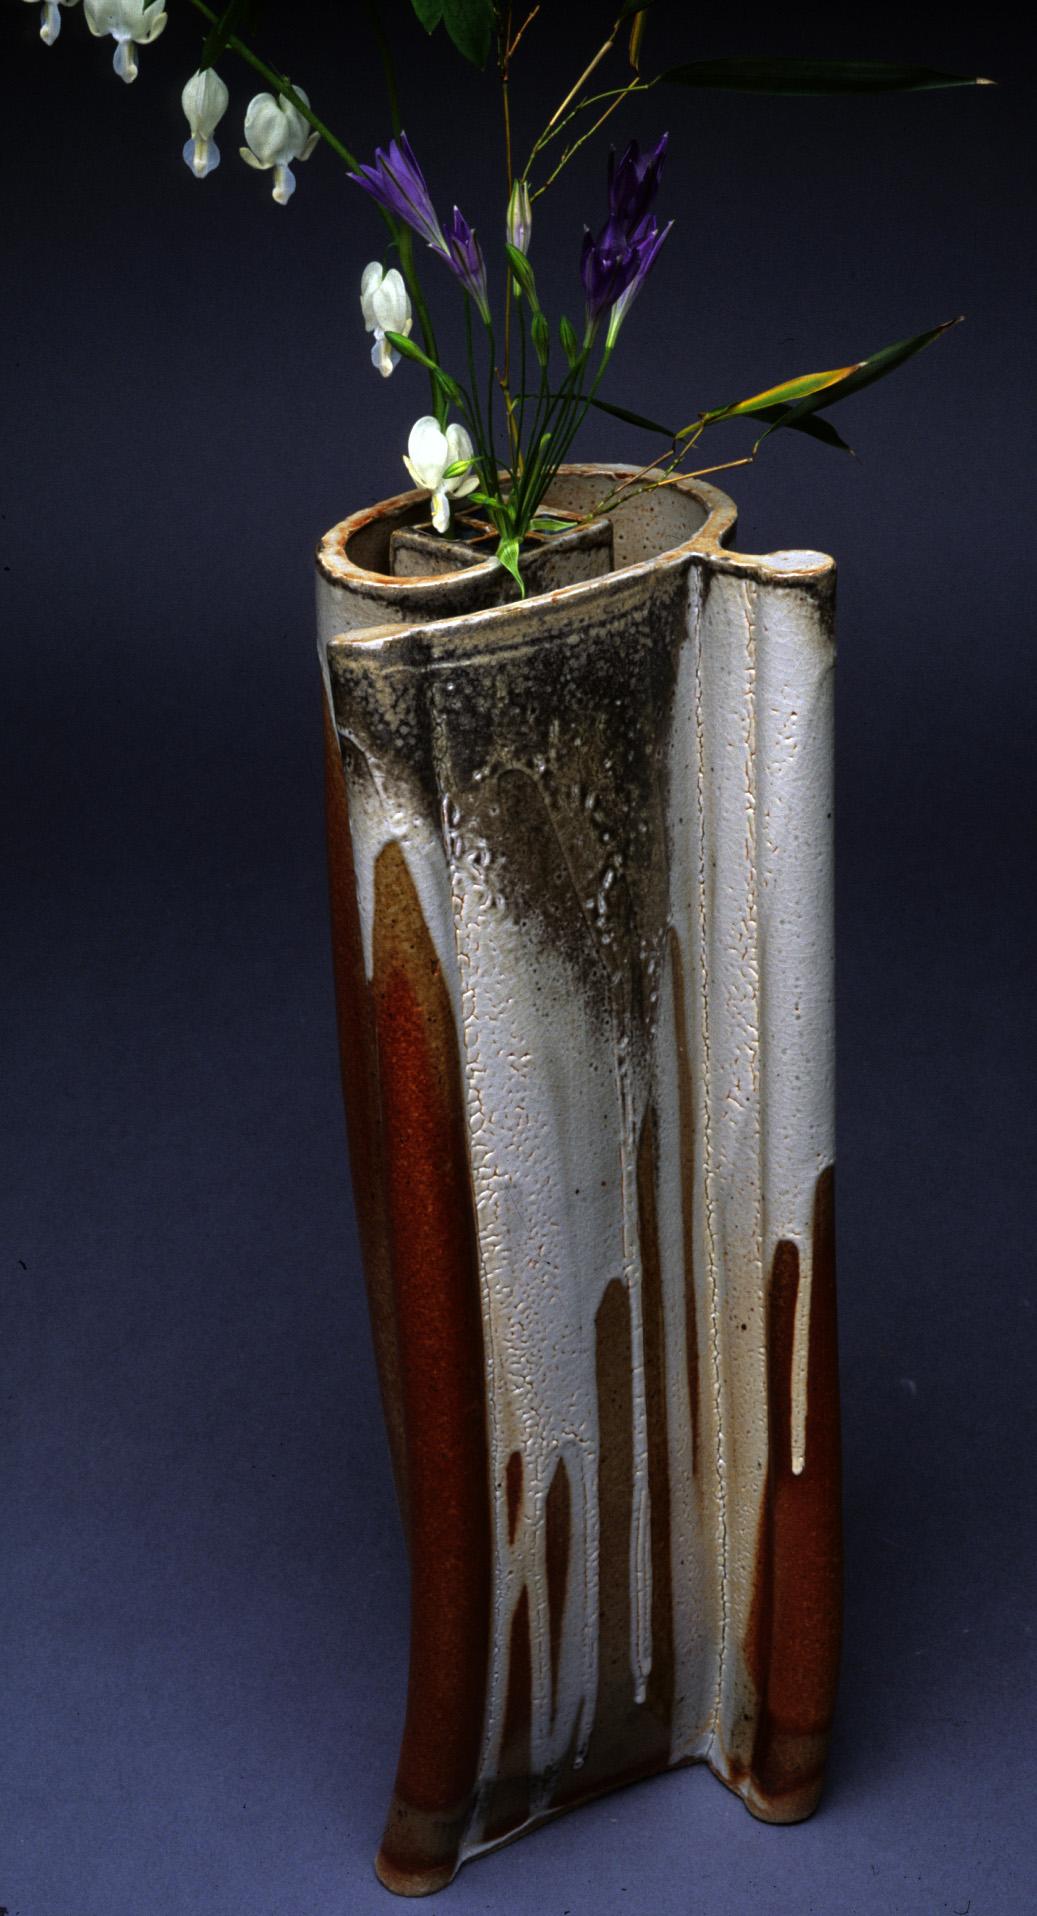 Vase (Ikebana)   15%22h.x 6%22w.x 5%22d.jpg